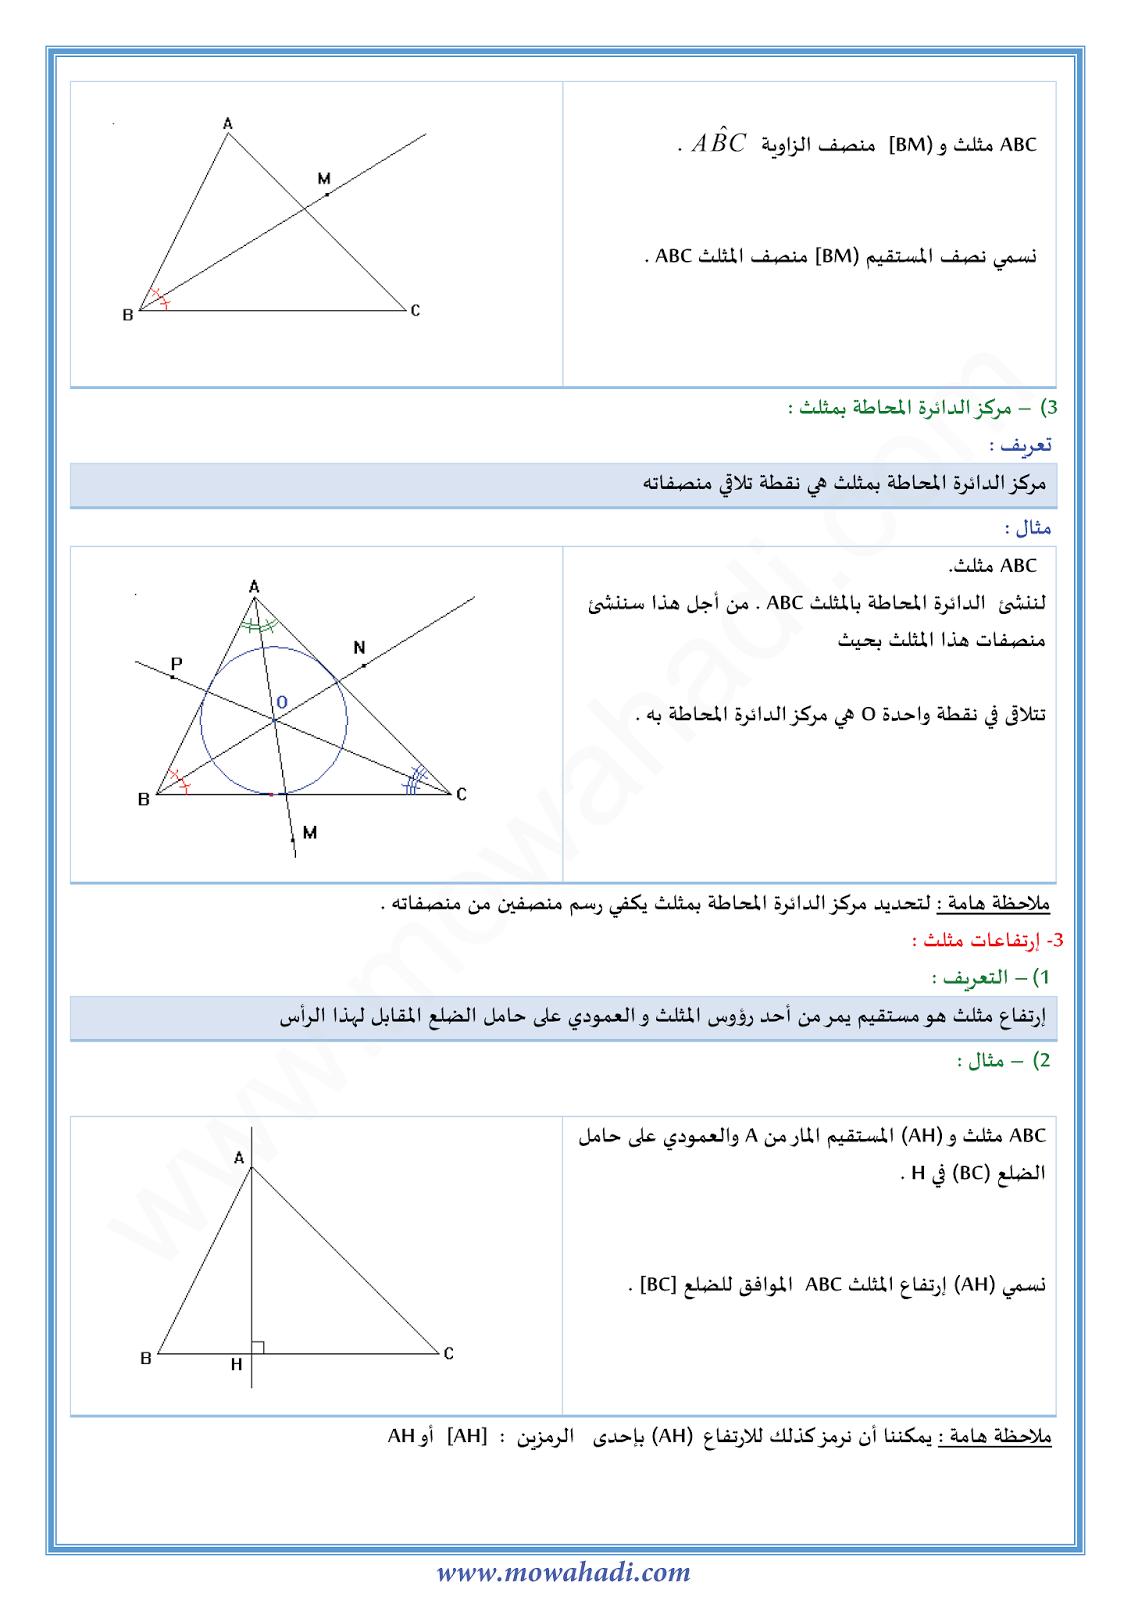 درس المستقيمات الهامة في مثلث